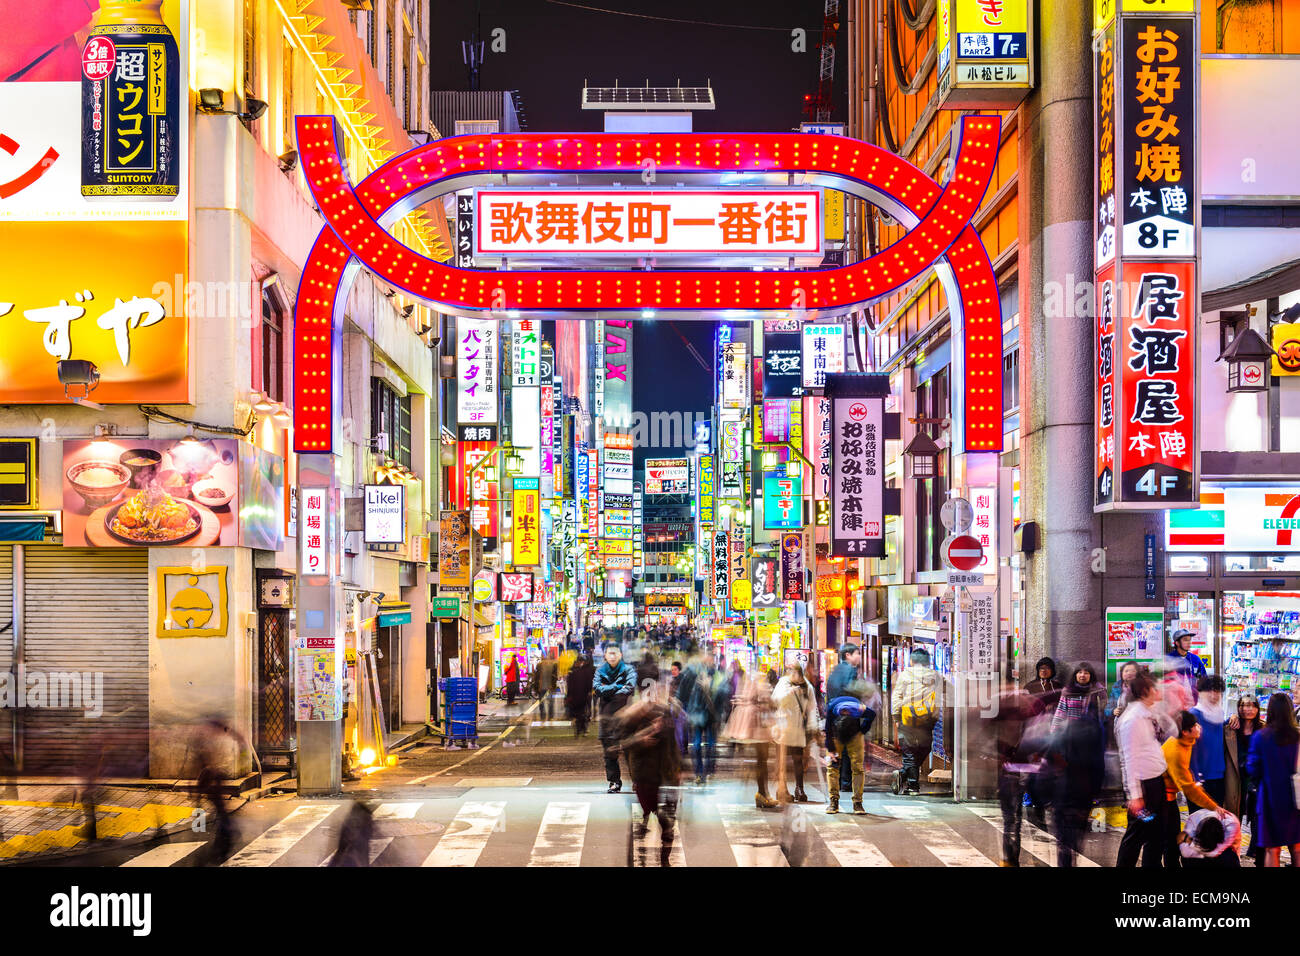 Los peatones caminar bajo signos densamente forrando un callejón en el Kabuki-cho, Tokio, Japón. Imagen De Stock